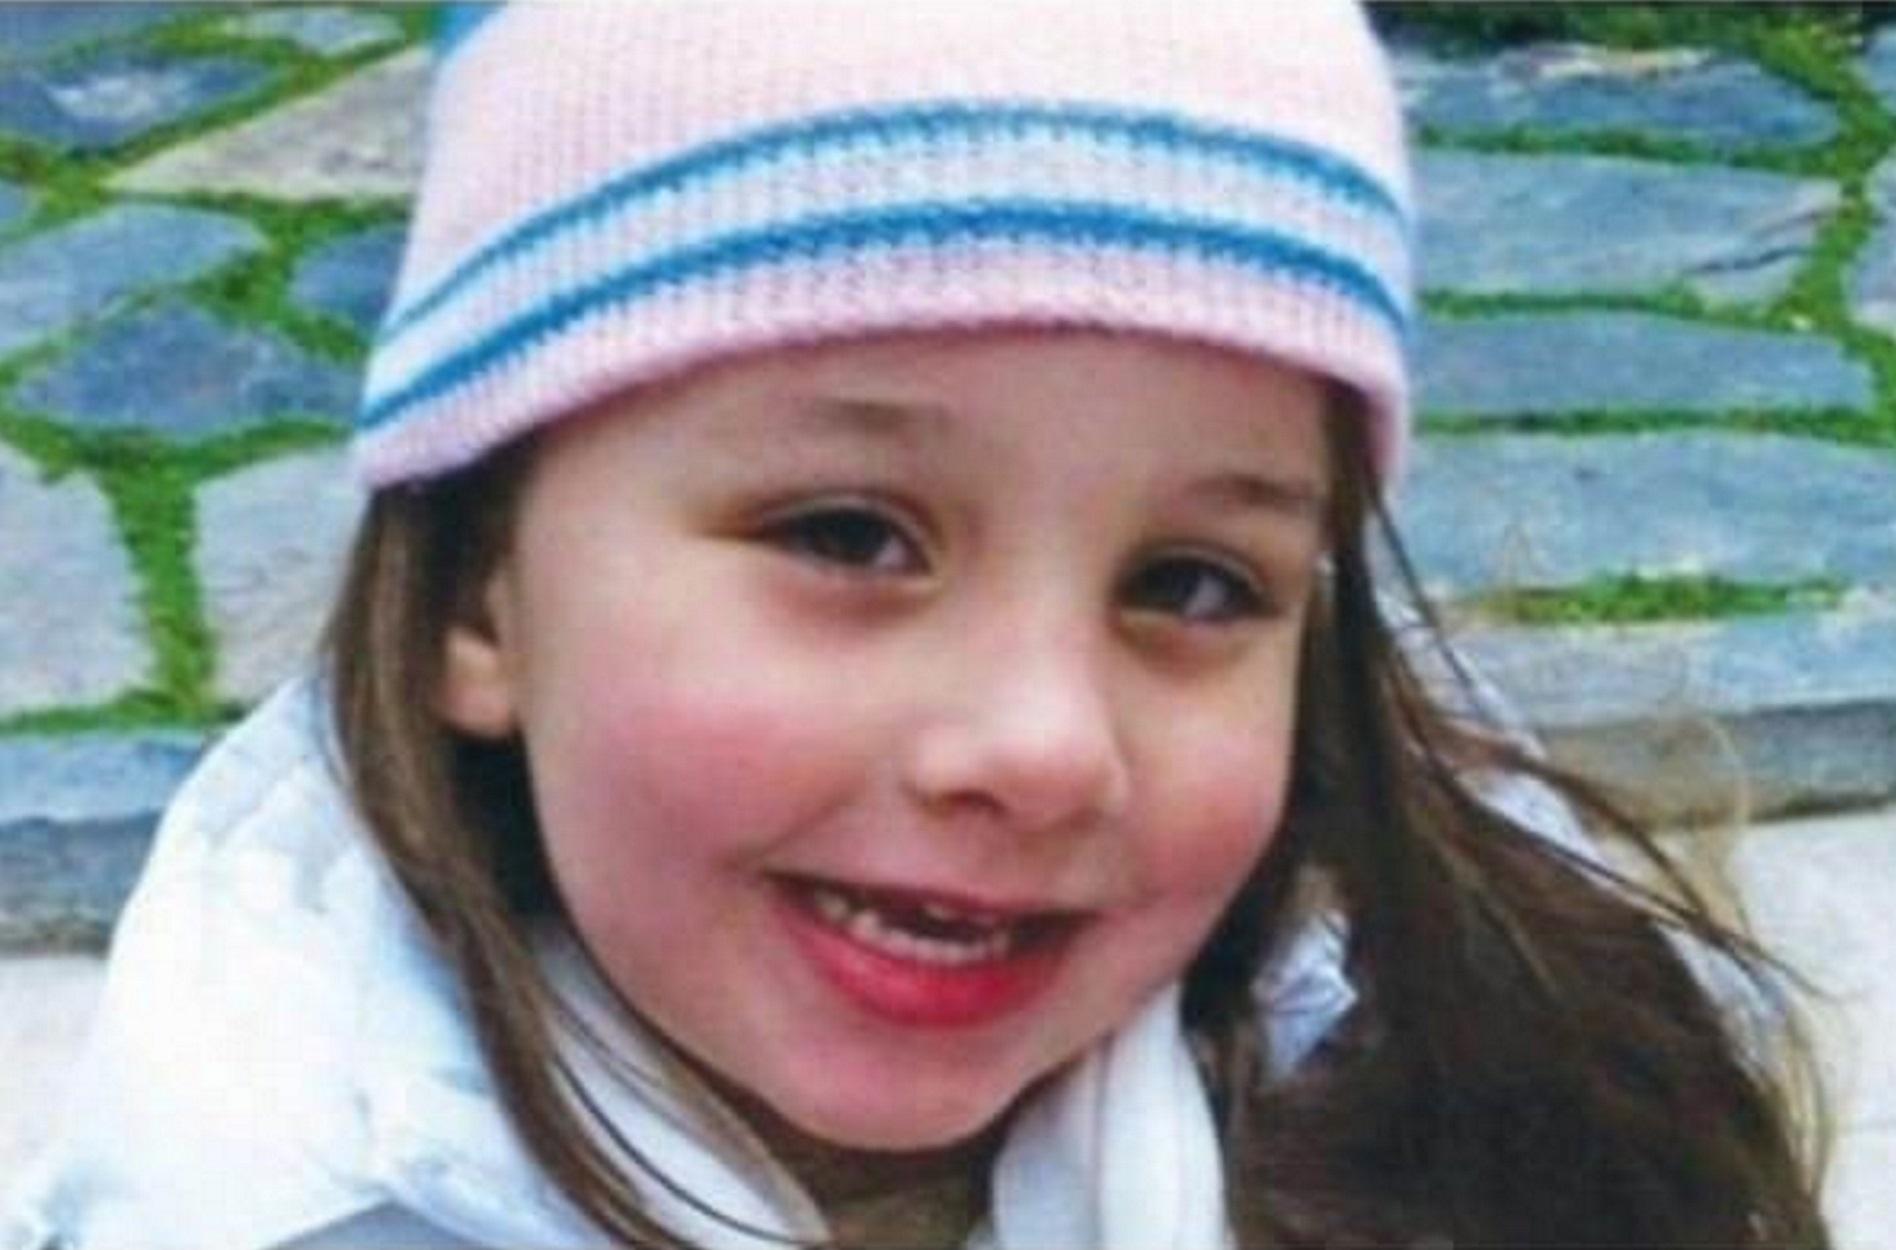 """Κρήτη: """"Η Μελίνα πέθανε από τραγικές παραλείψεις της αναισθησιολόγου"""" ξεσπάει στη δίκη ο πατέρας"""